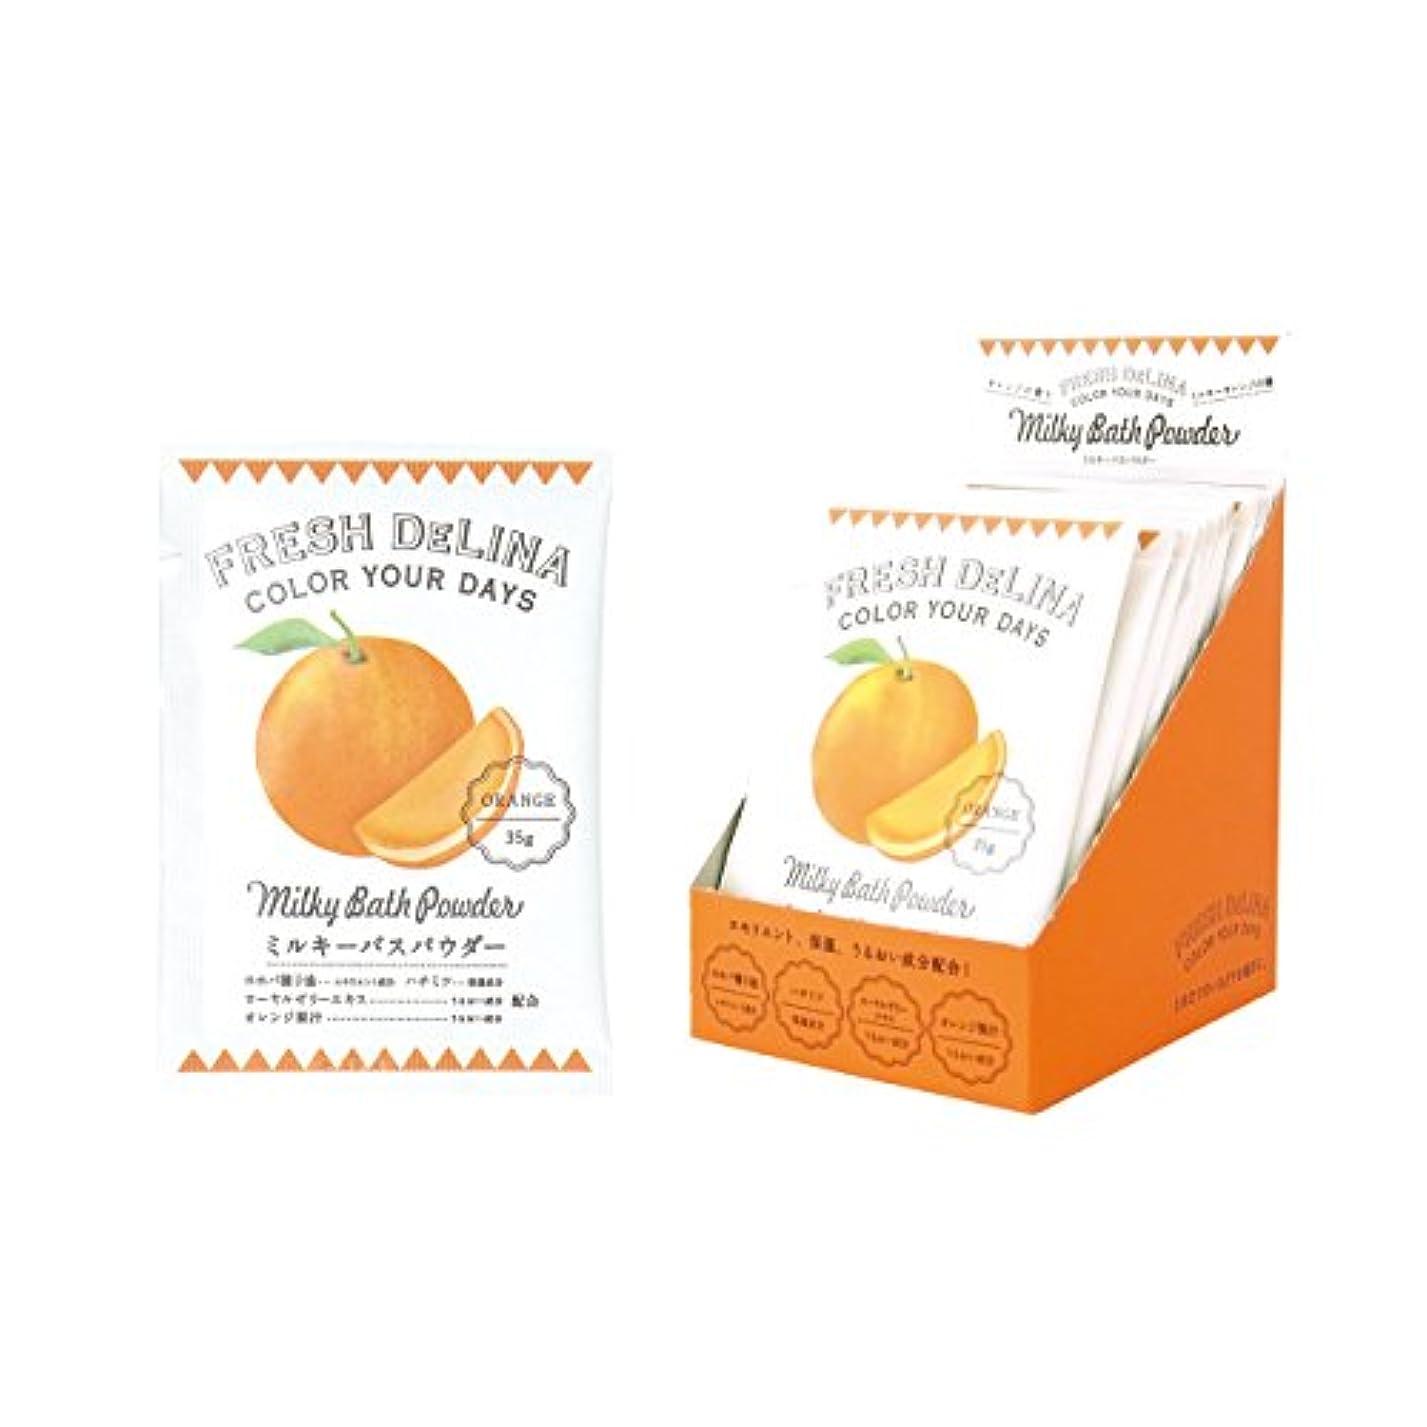 概要敵対的寄稿者フレッシュデリーナ ミルキーバスパウダー 35g (オレンジ) 12個 (白濁タイプ入浴料 日本製 フレッシュな柑橘系の香り)